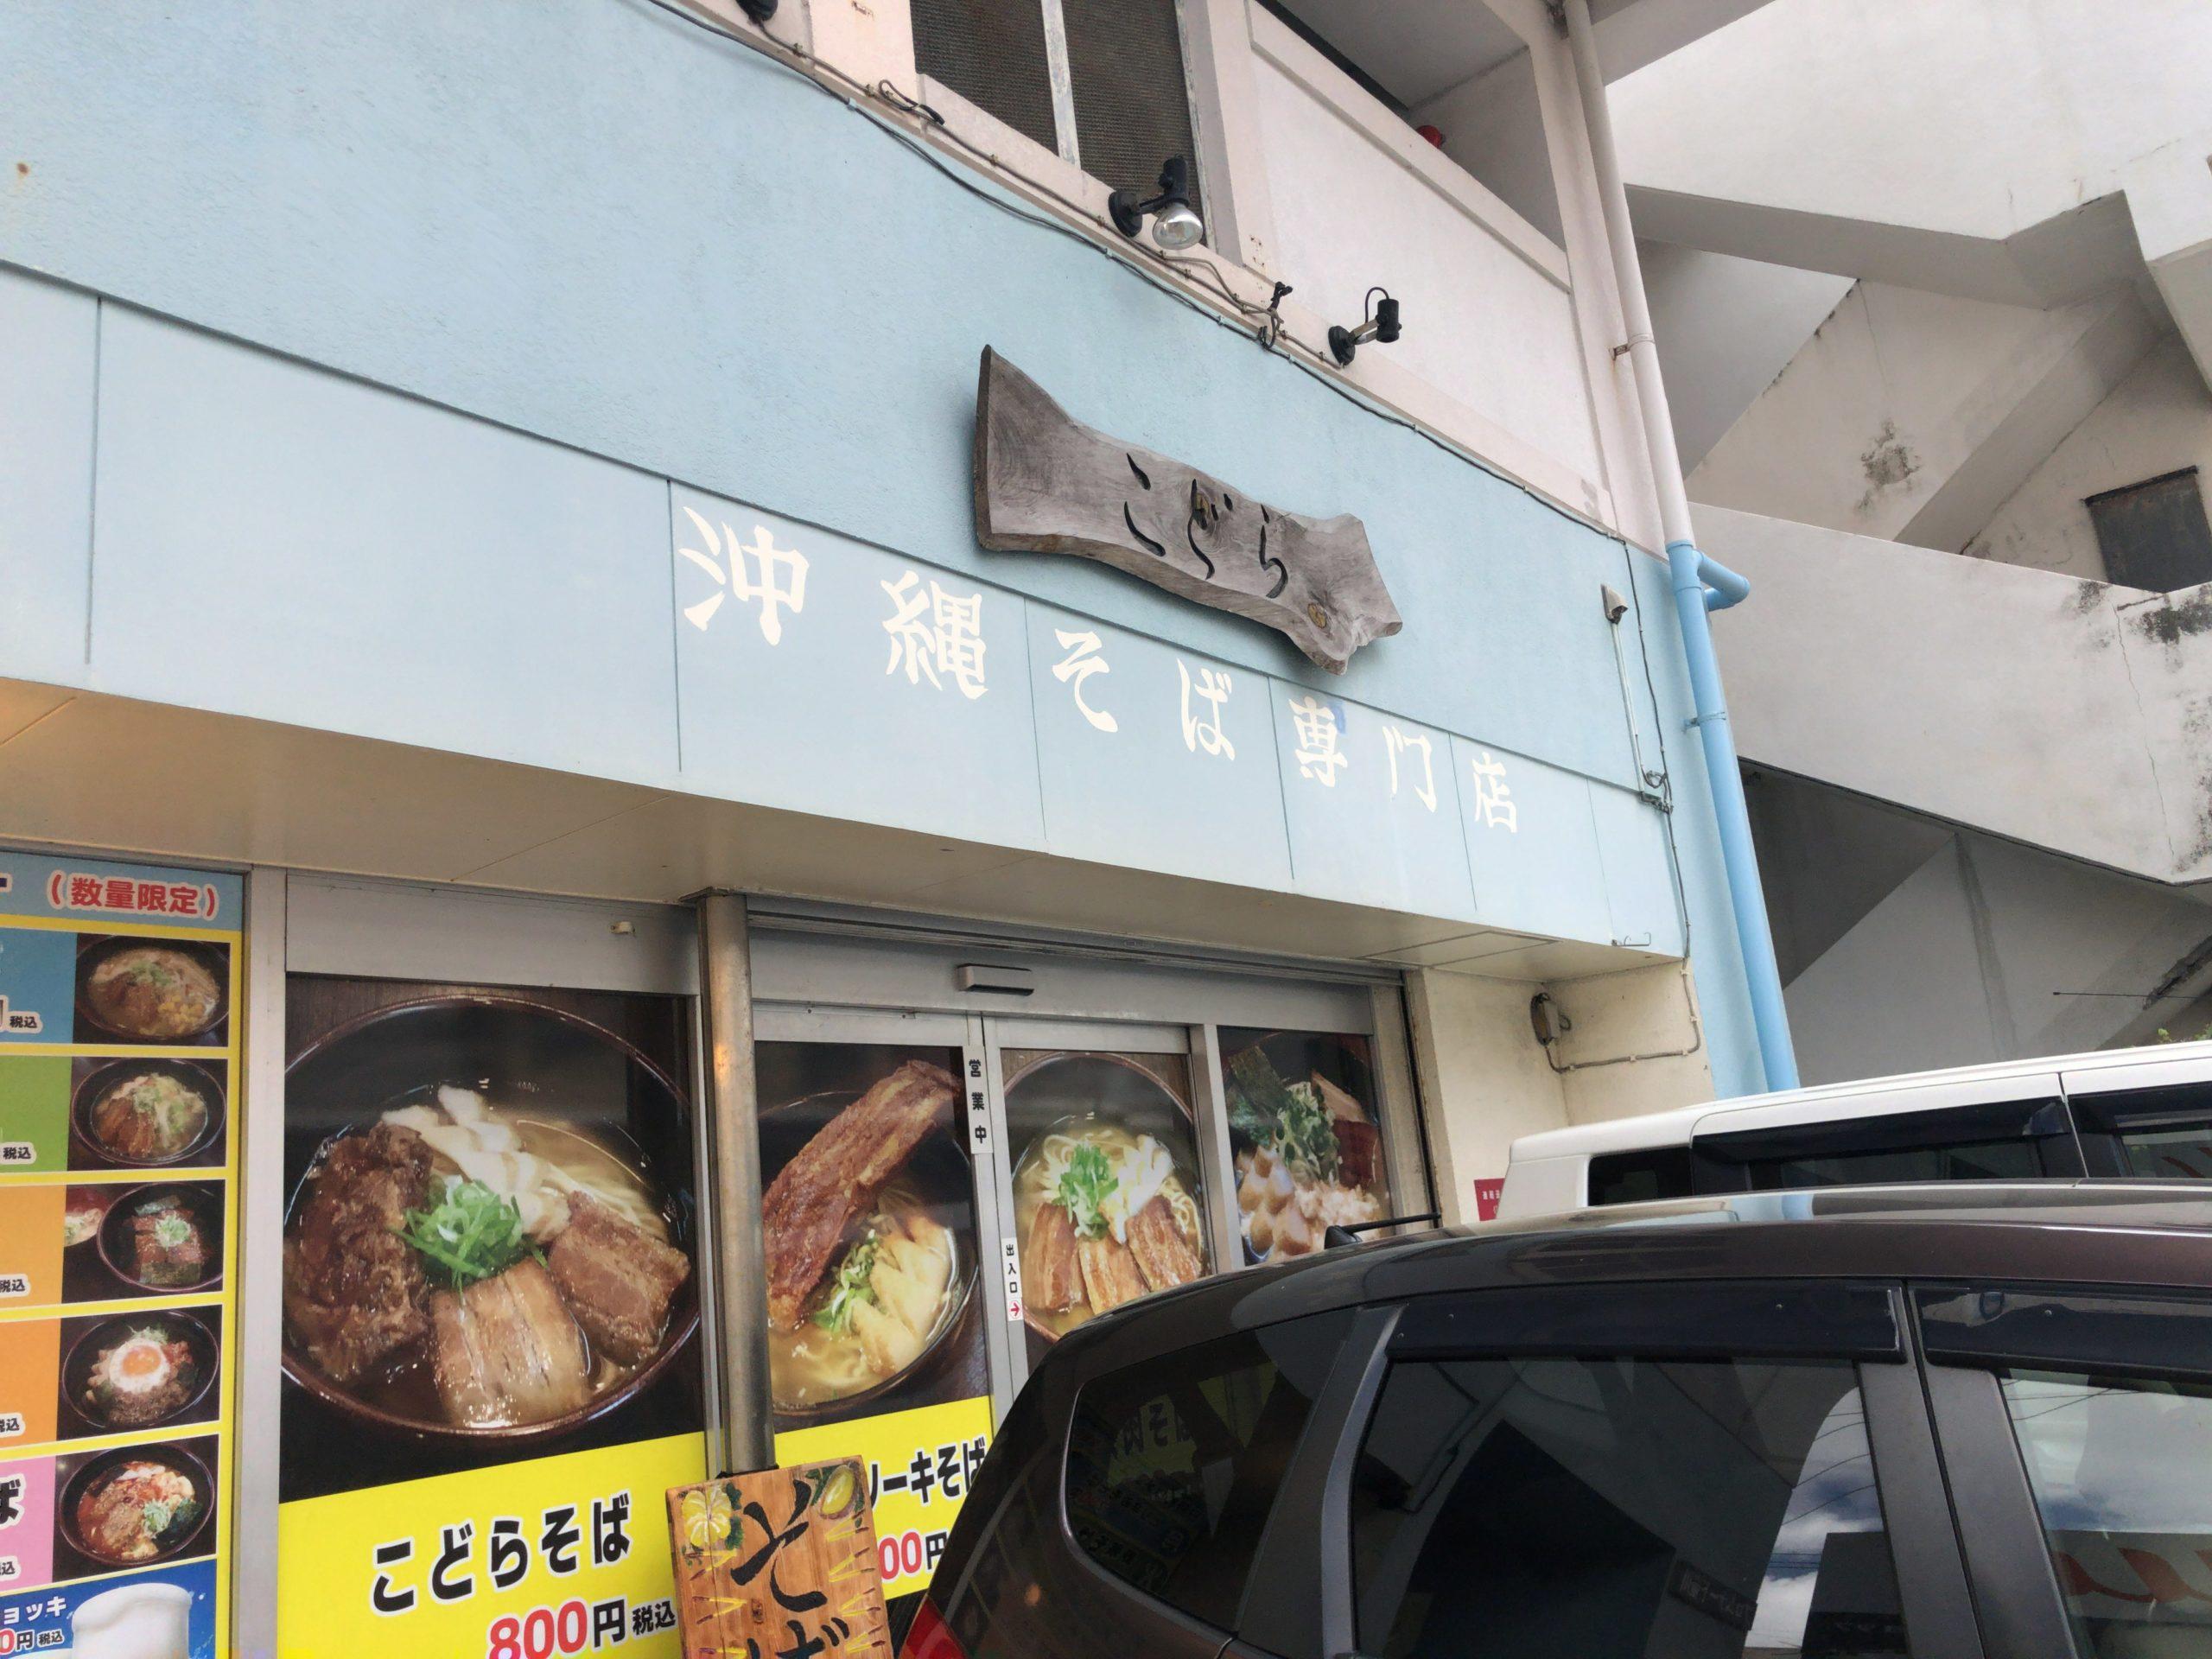 那覇市壺川『こどら』全てが絶品!美味い沖縄そば